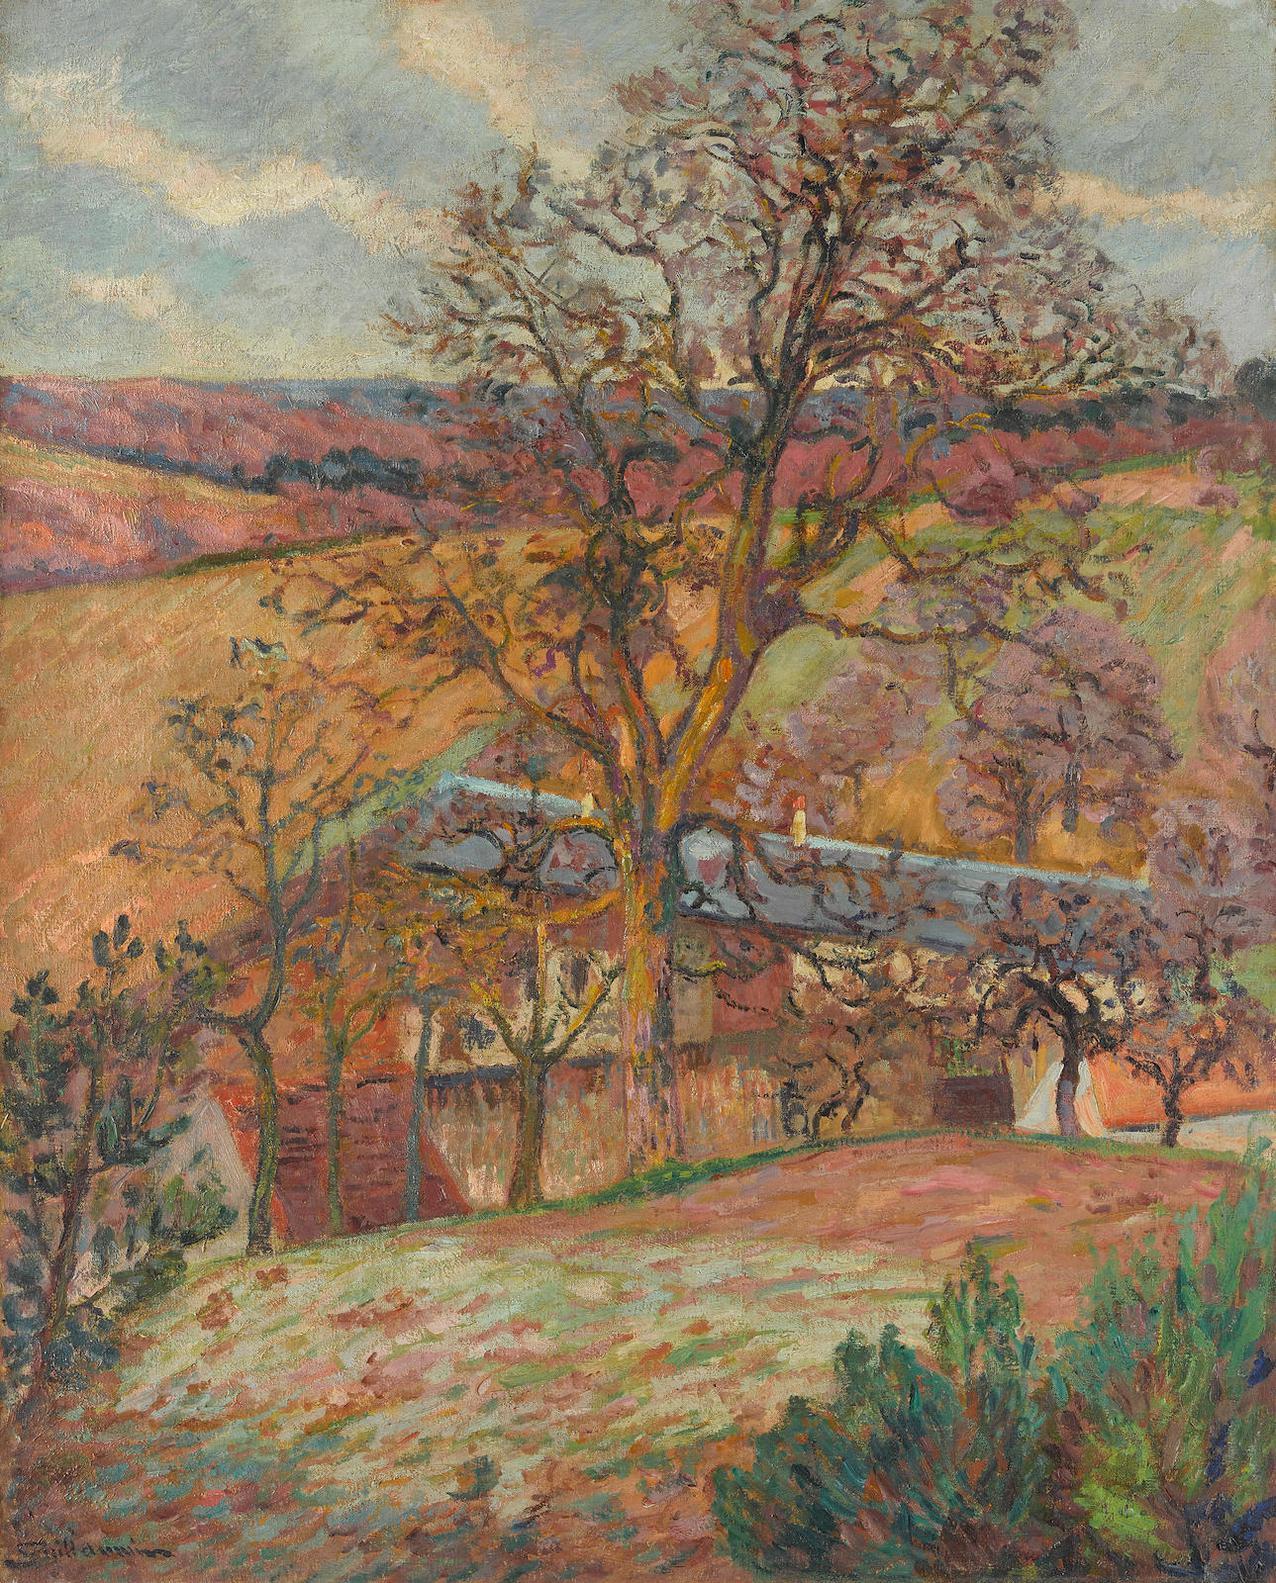 Jean-Baptiste Armand Guillaumin-Ferme Et Arbres A Saint-Cheron-1893